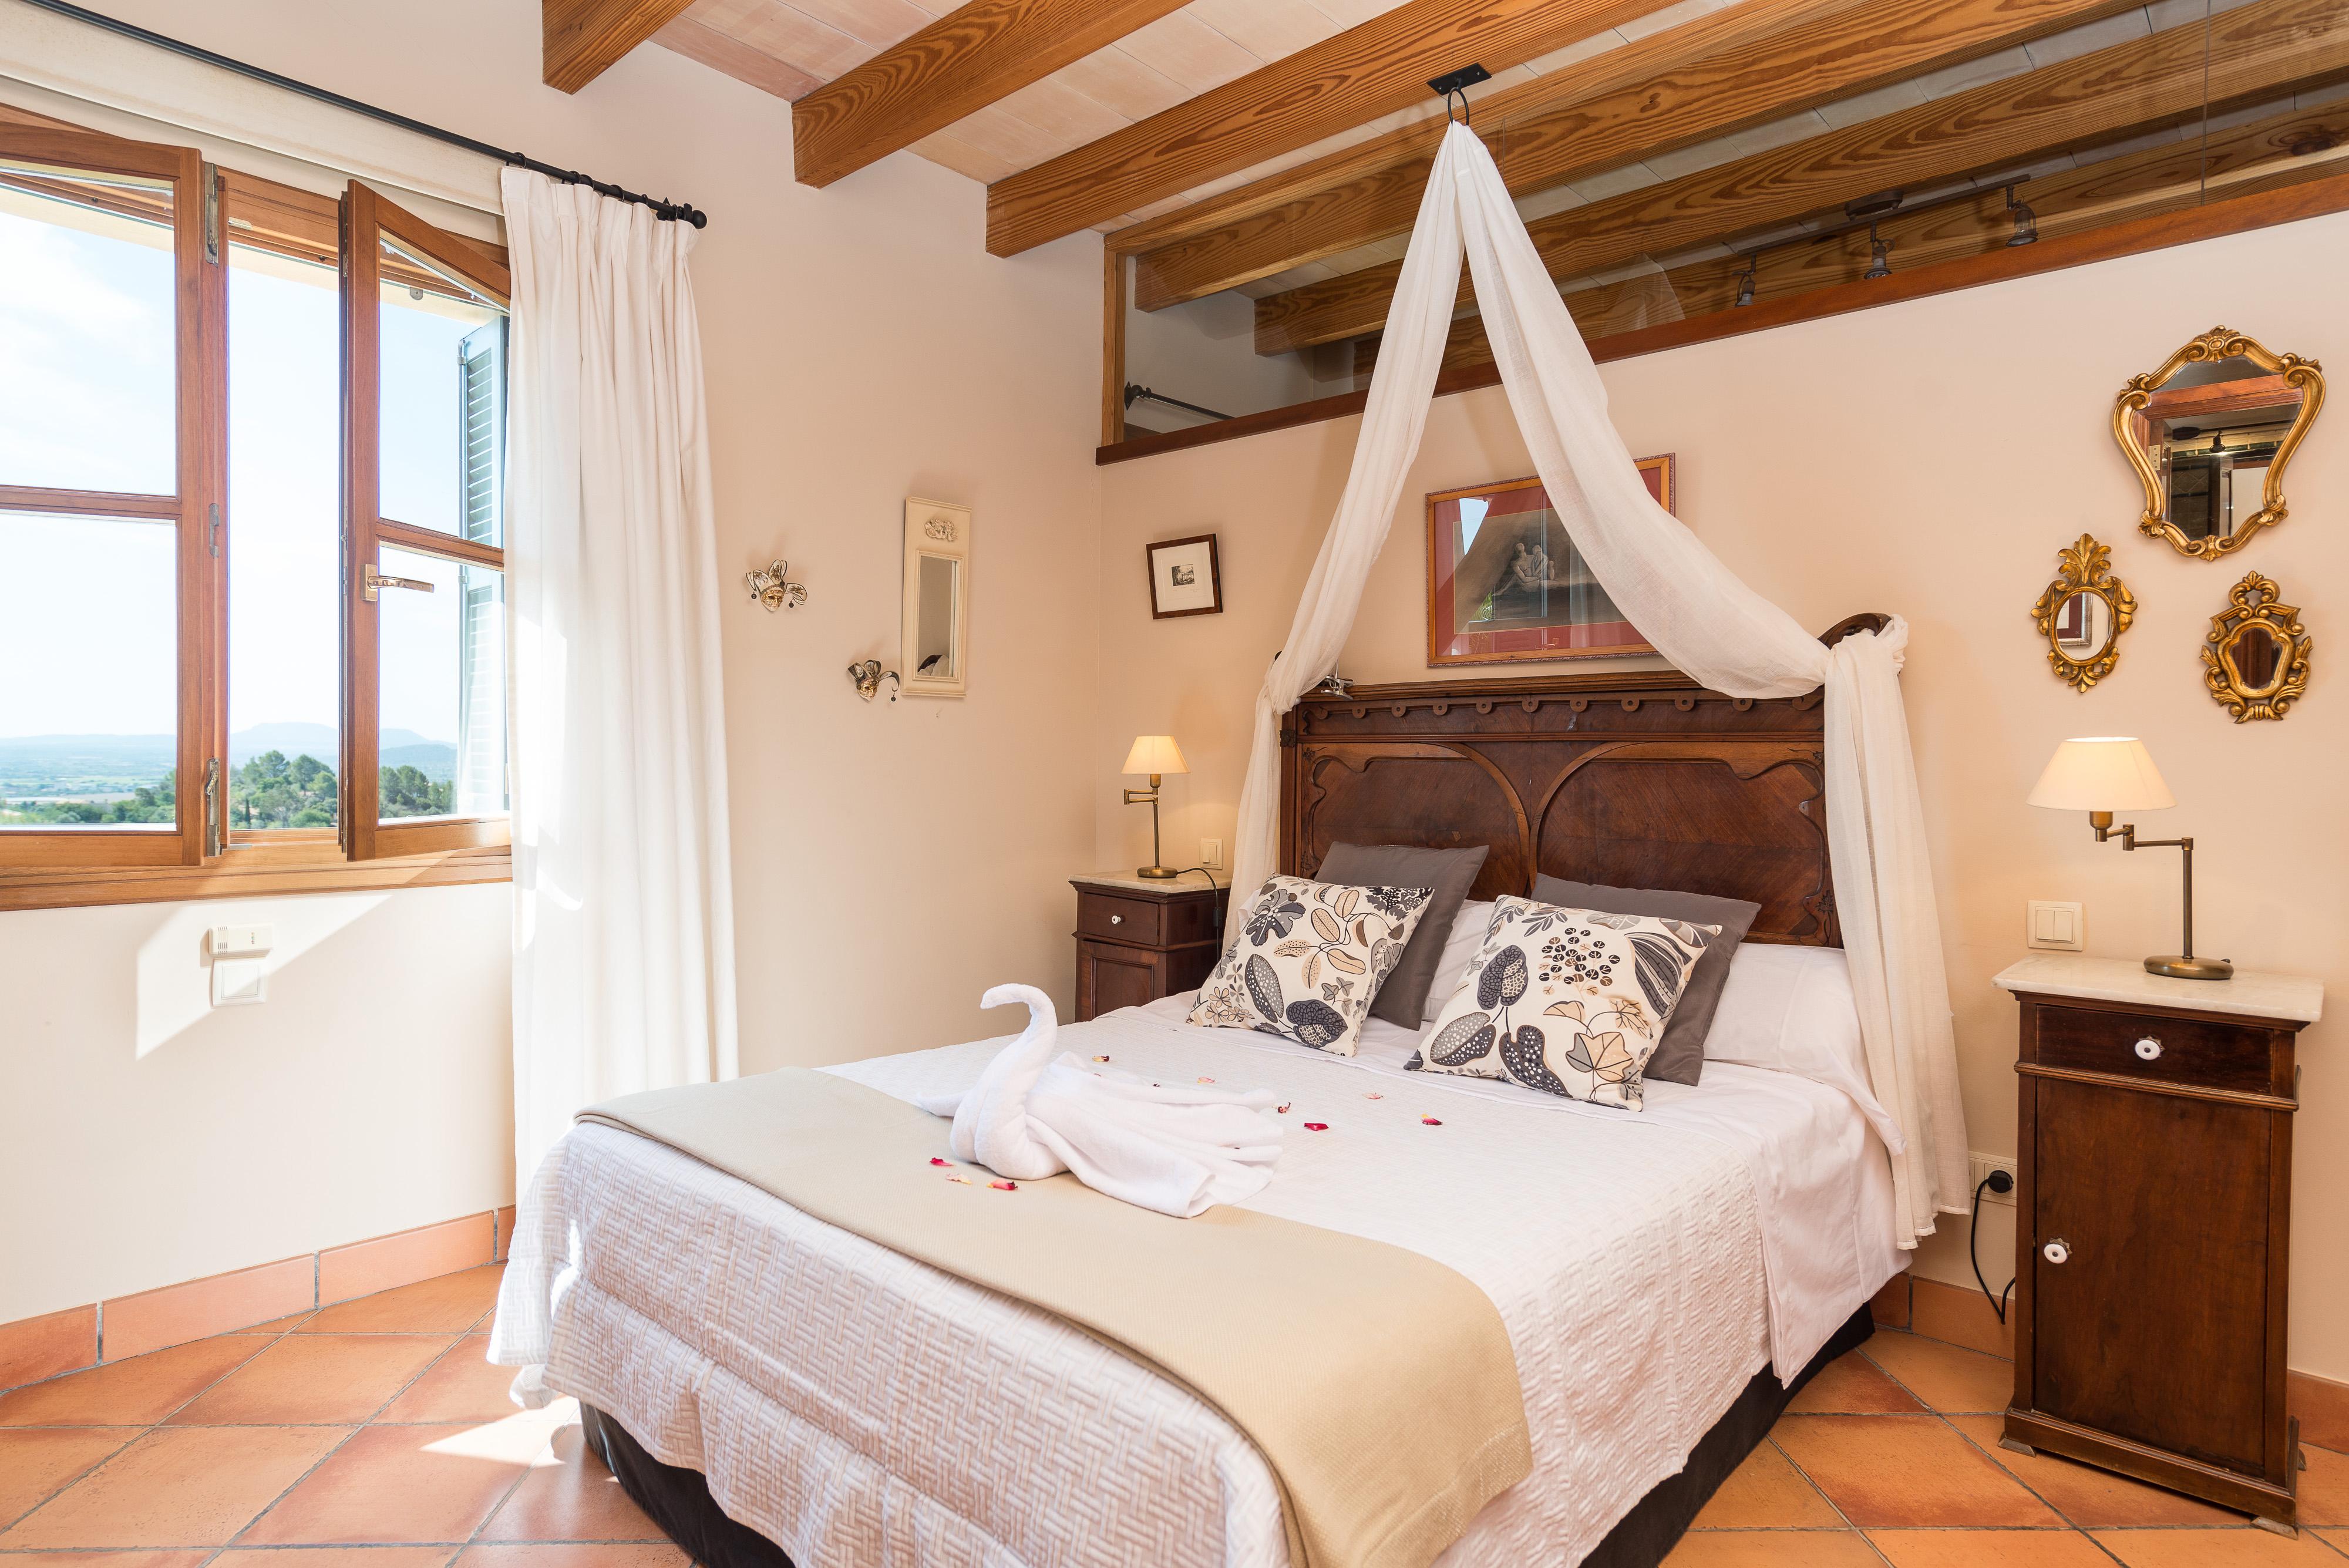 Maison de vacances ES PINAR (1956282), Alaro, Majorque, Iles Baléares, Espagne, image 25